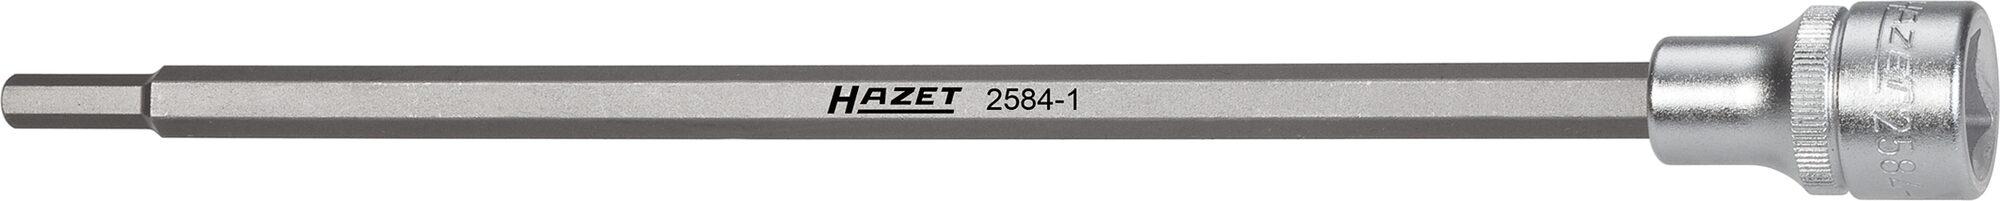 HAZET Saugrohr Schraubendreher-Steckschlüsseleinsatz 2584-1 ∙ Vierkant hohl 12,5 mm (1/2 Zoll) ∙ Innen-Sechskant Profil